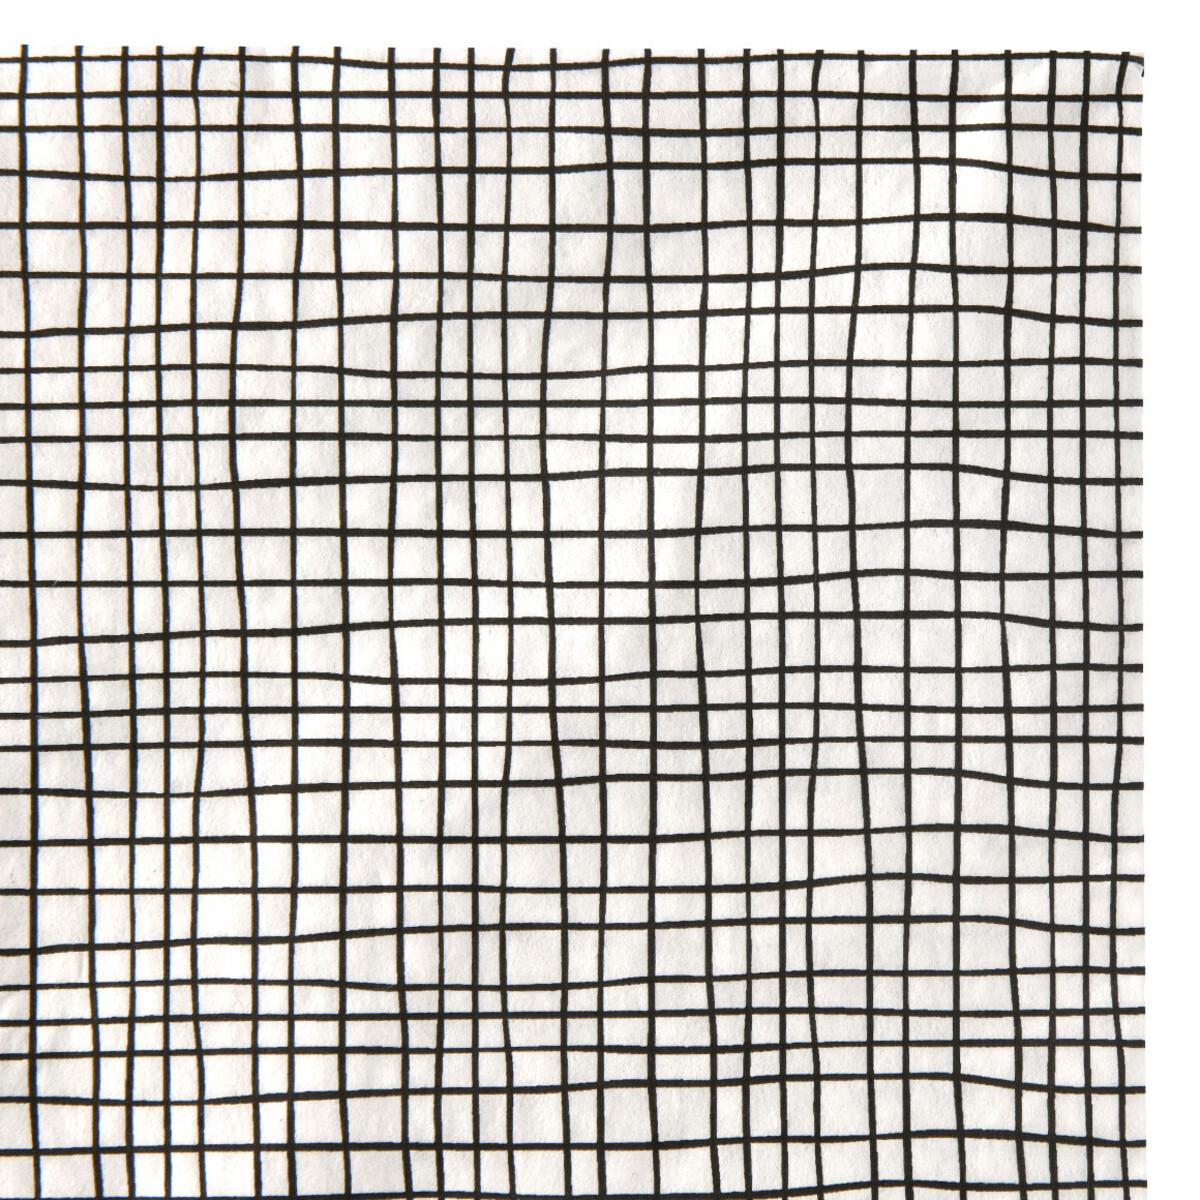 Bild 3 von 20 Servietten im Streifen-Look